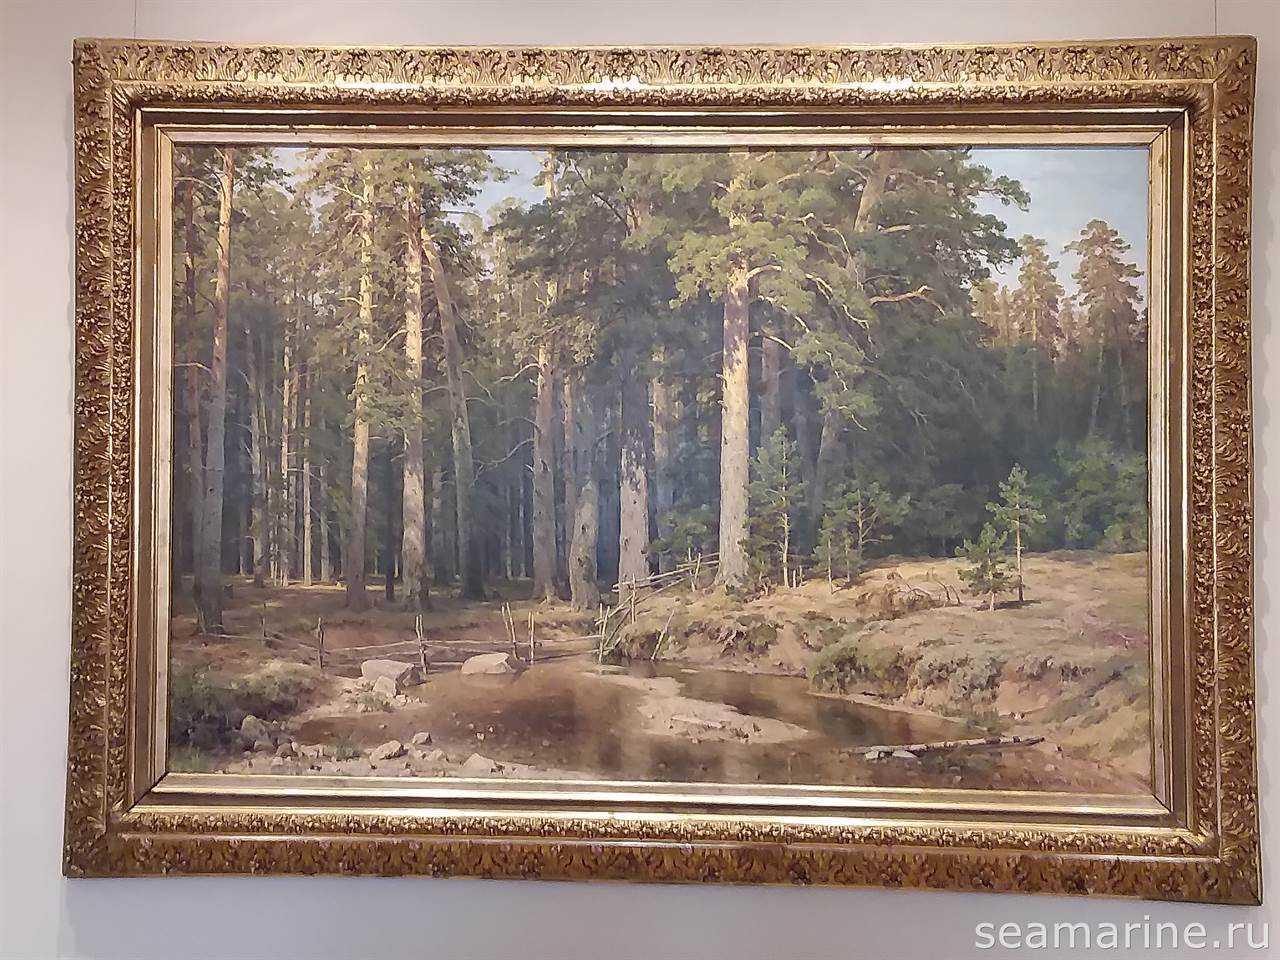 В Русском музее Санкт-Петербурга. Картина И.И. Шишкина